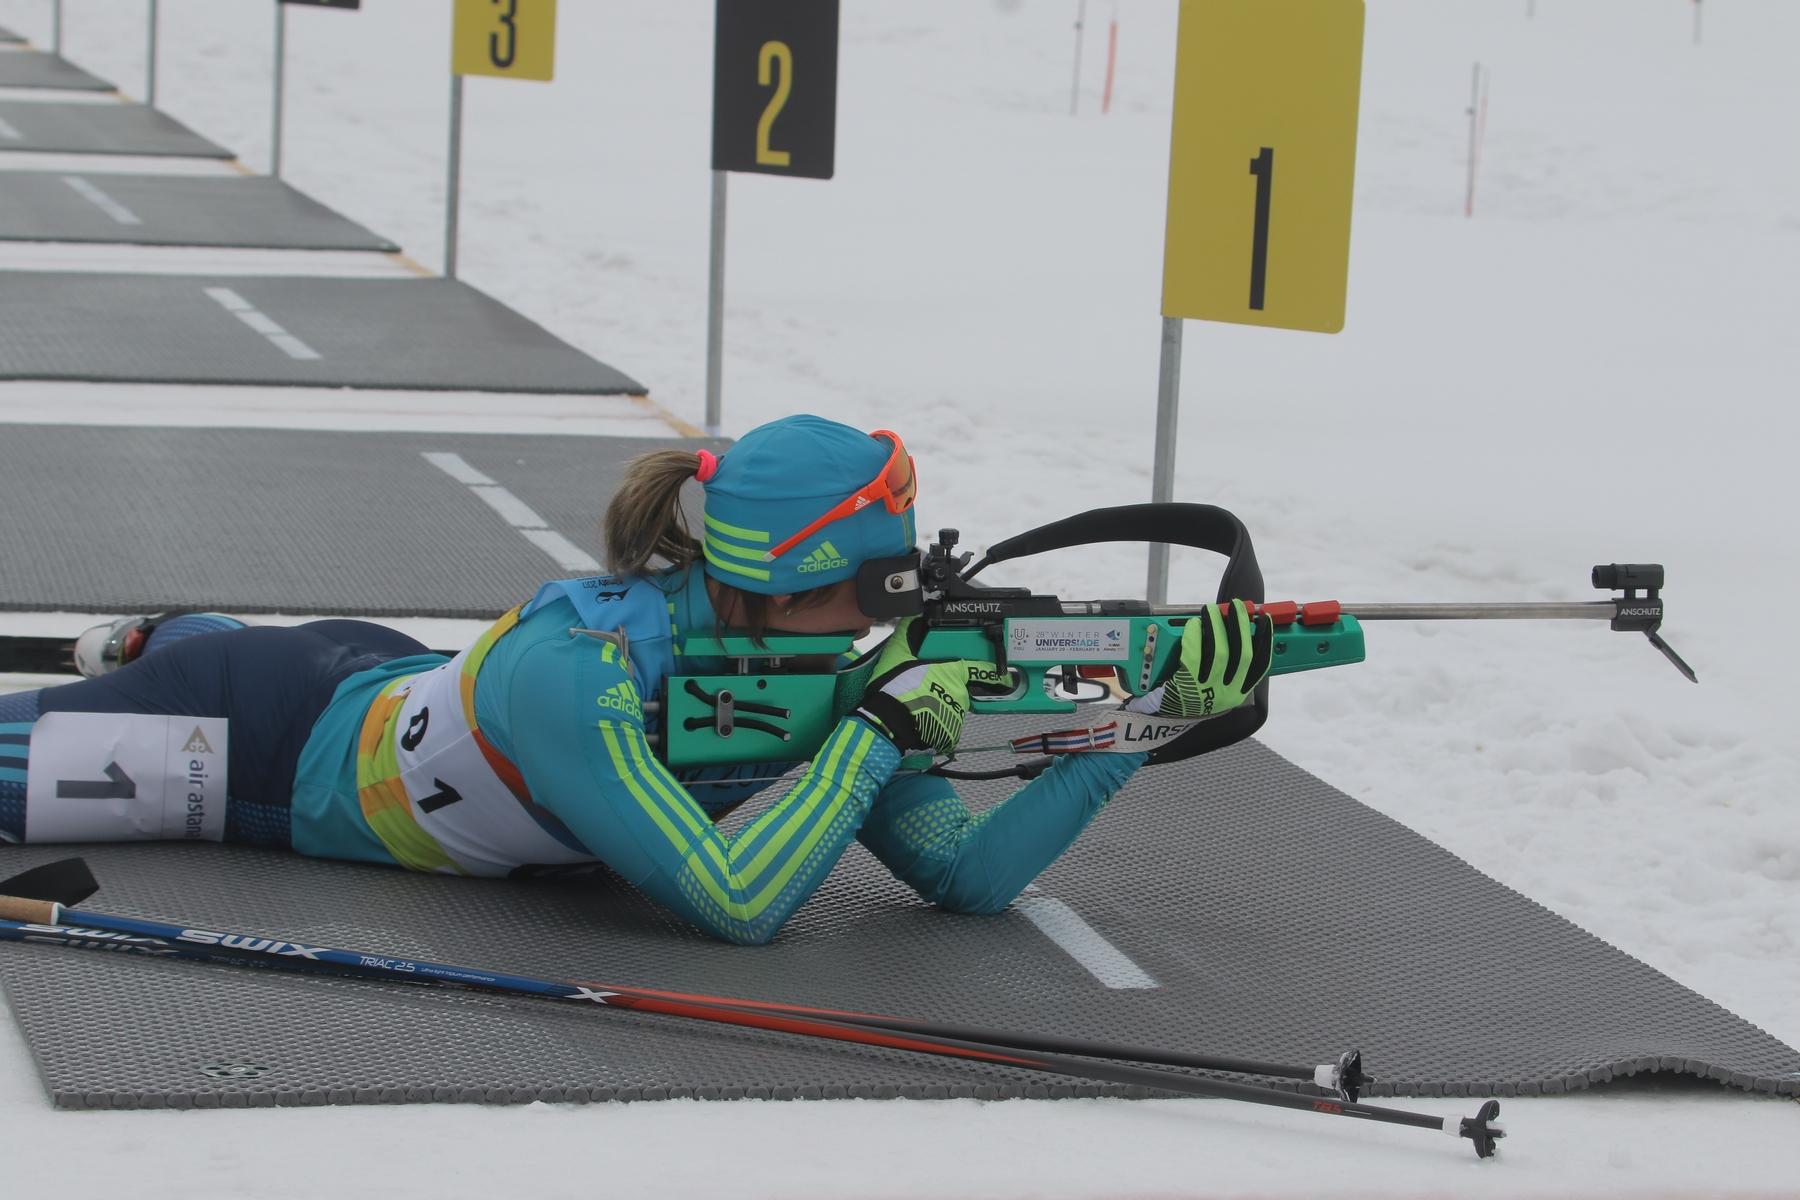 Vishnevskaya bij de eerste schietbeurt, toen er nog niks aan de hand was... (Foto: Almaty2017.com)